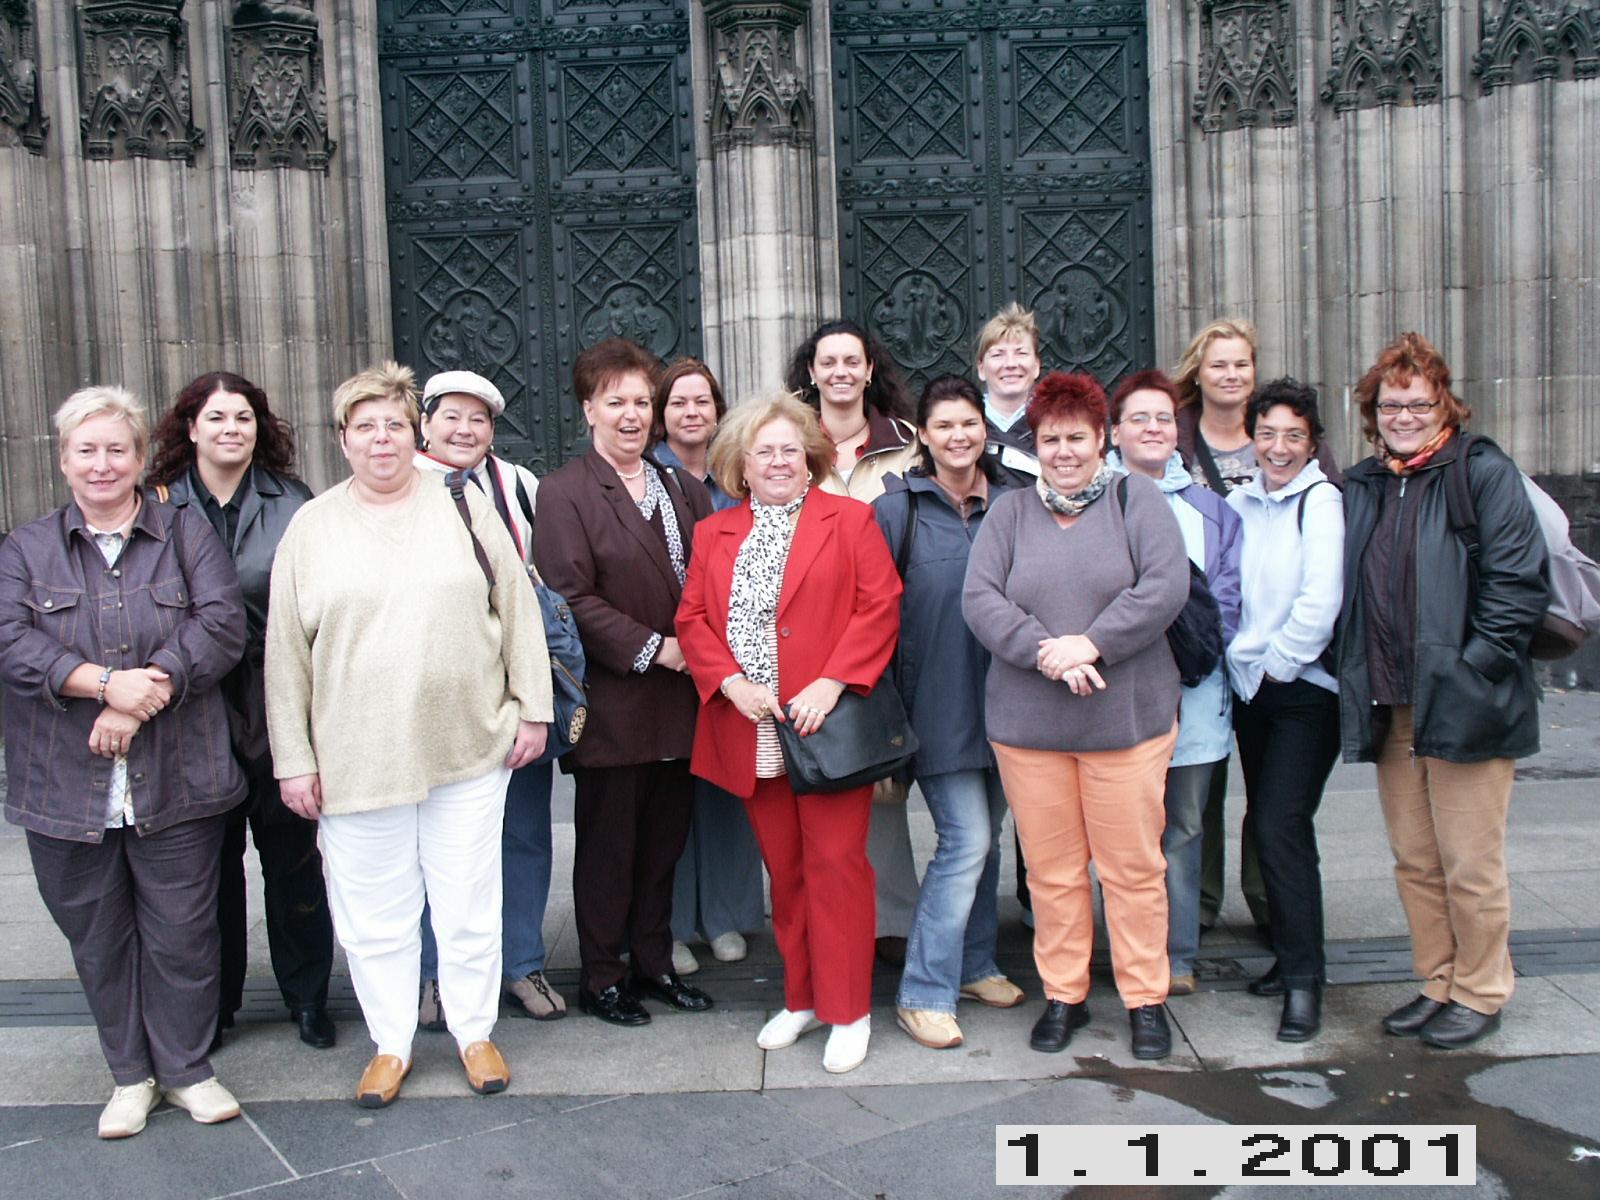 2004_FRAUENFASTNACHT_019 Kopie